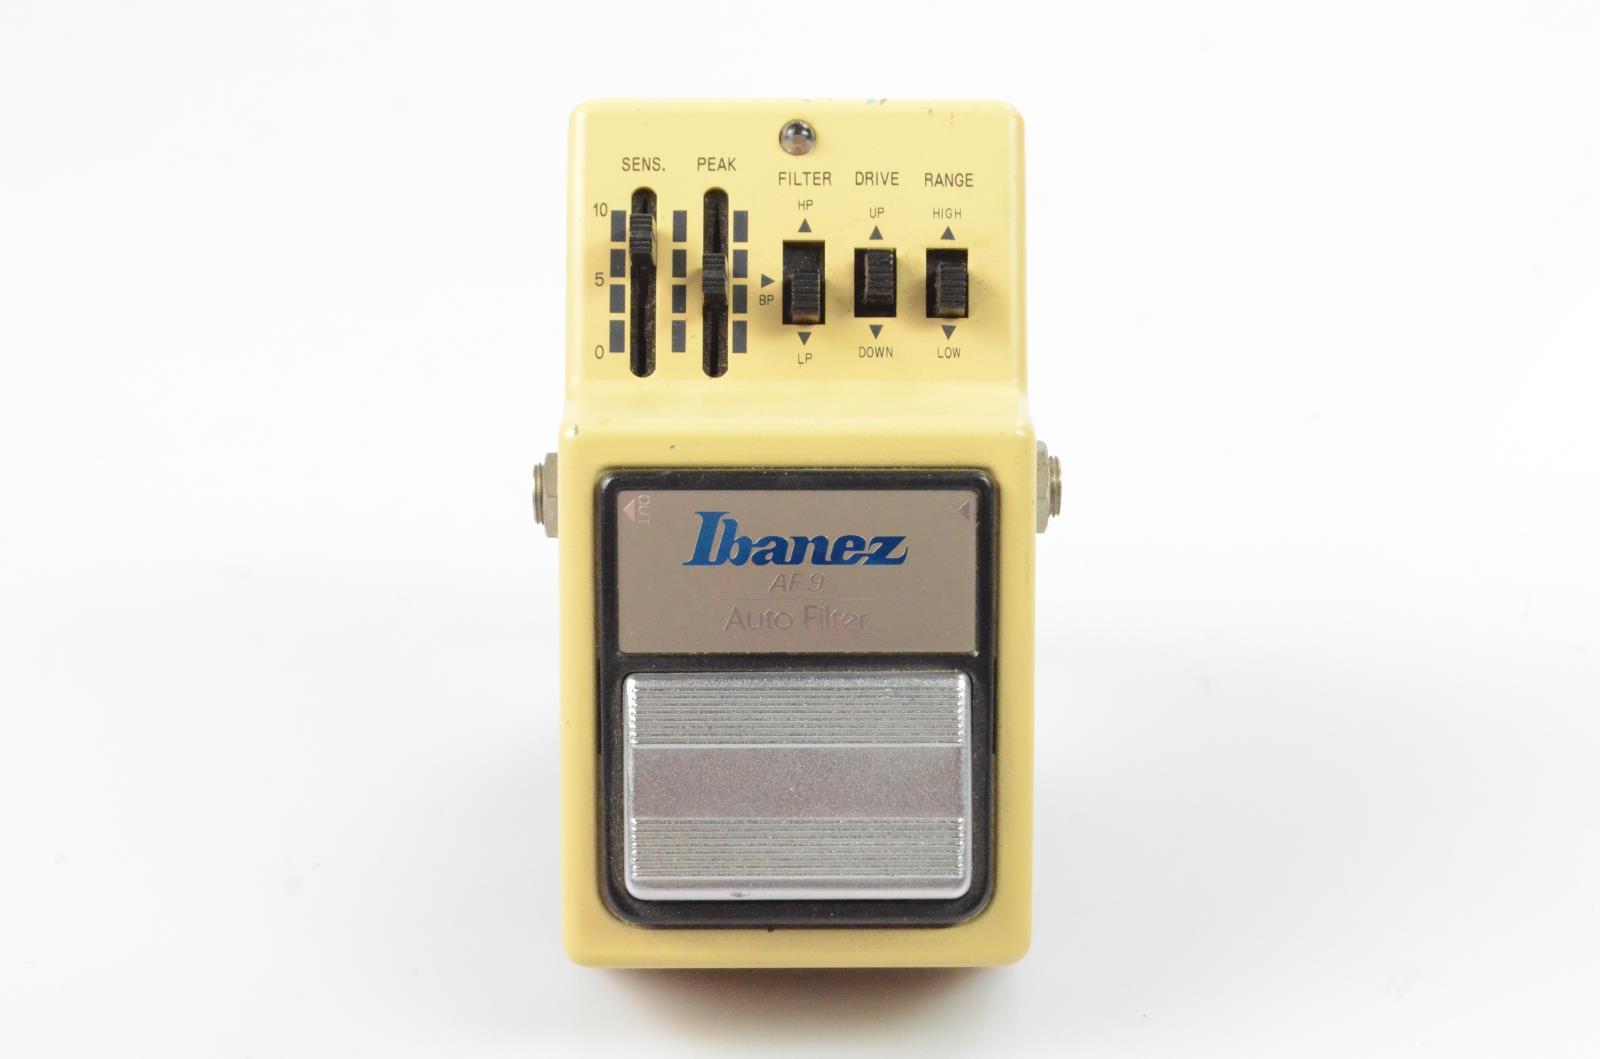 Ibanez AF 9 AF9 Auto Filter Envelope Wah Pedal Owned by Carlos Rios #33957